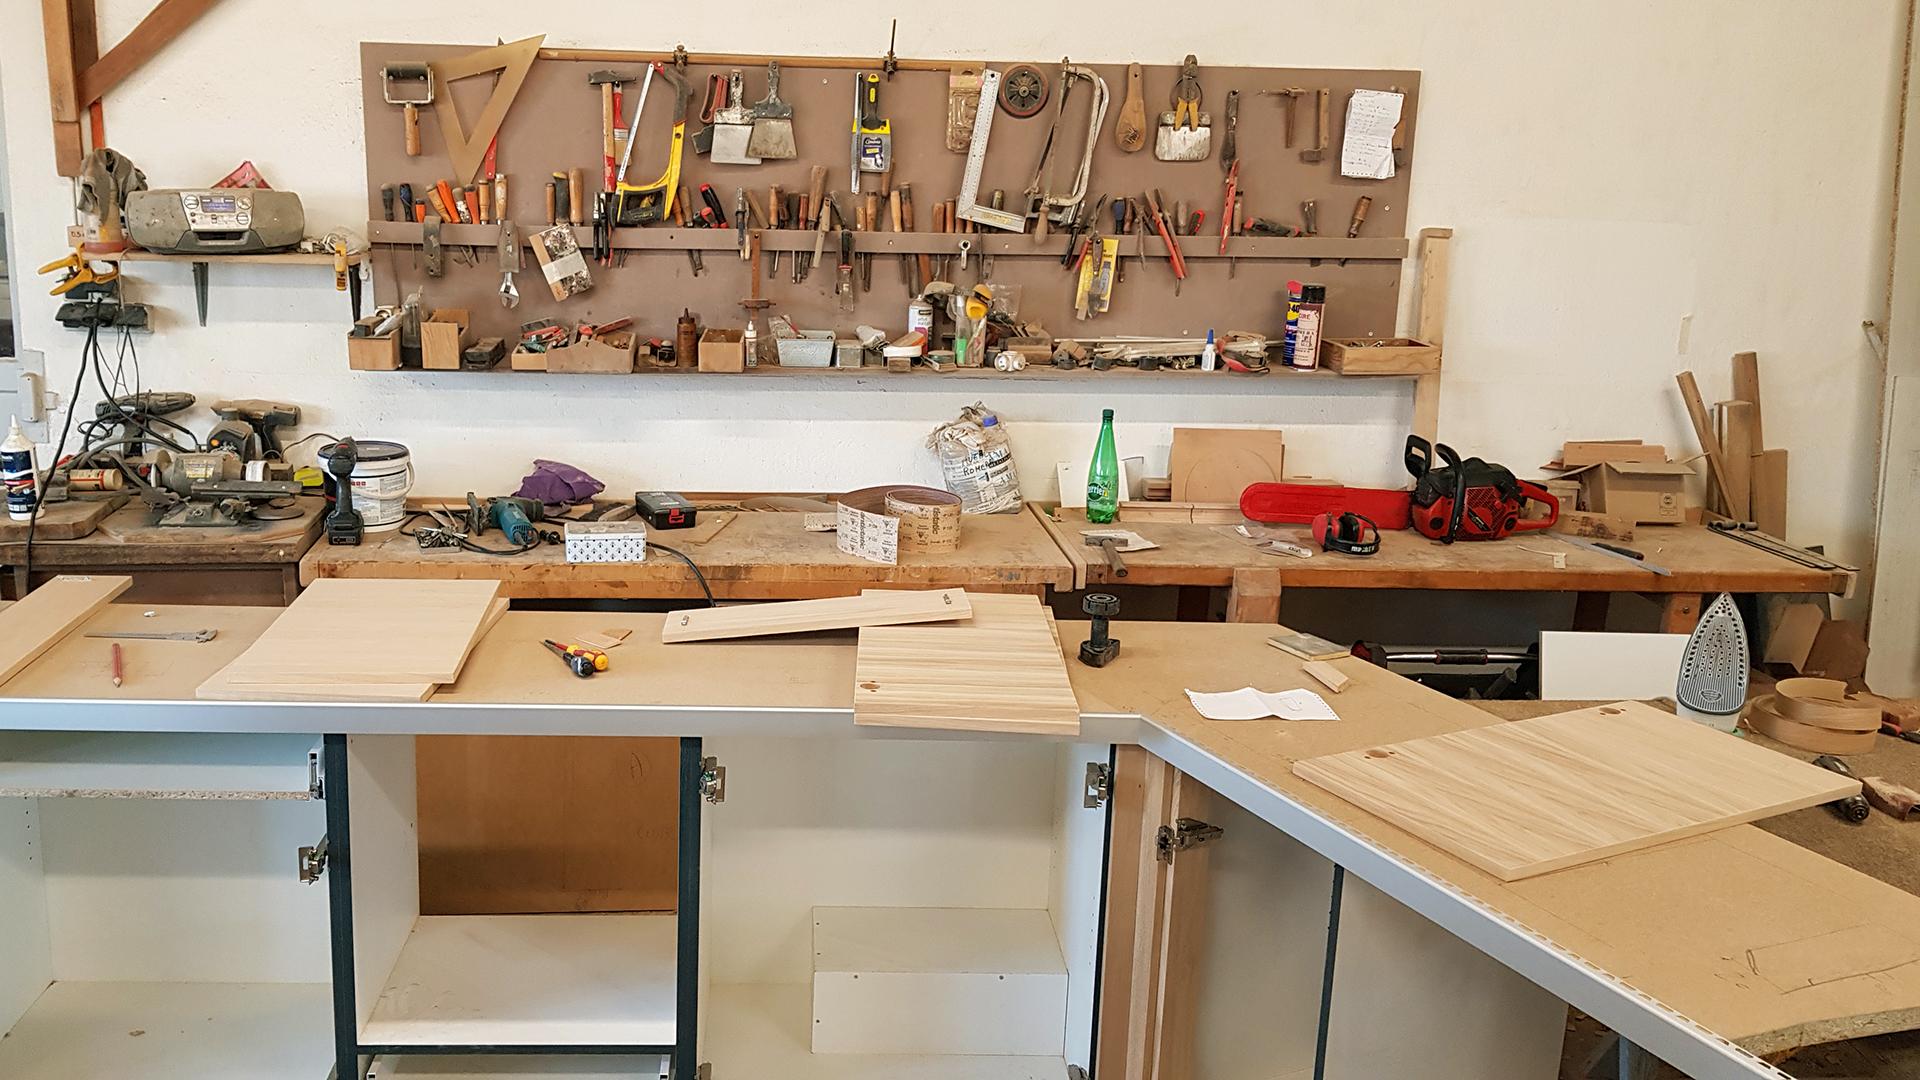 Atelier de fabrication des meubles : plan de travail et confection d'une cuisine sur mesure